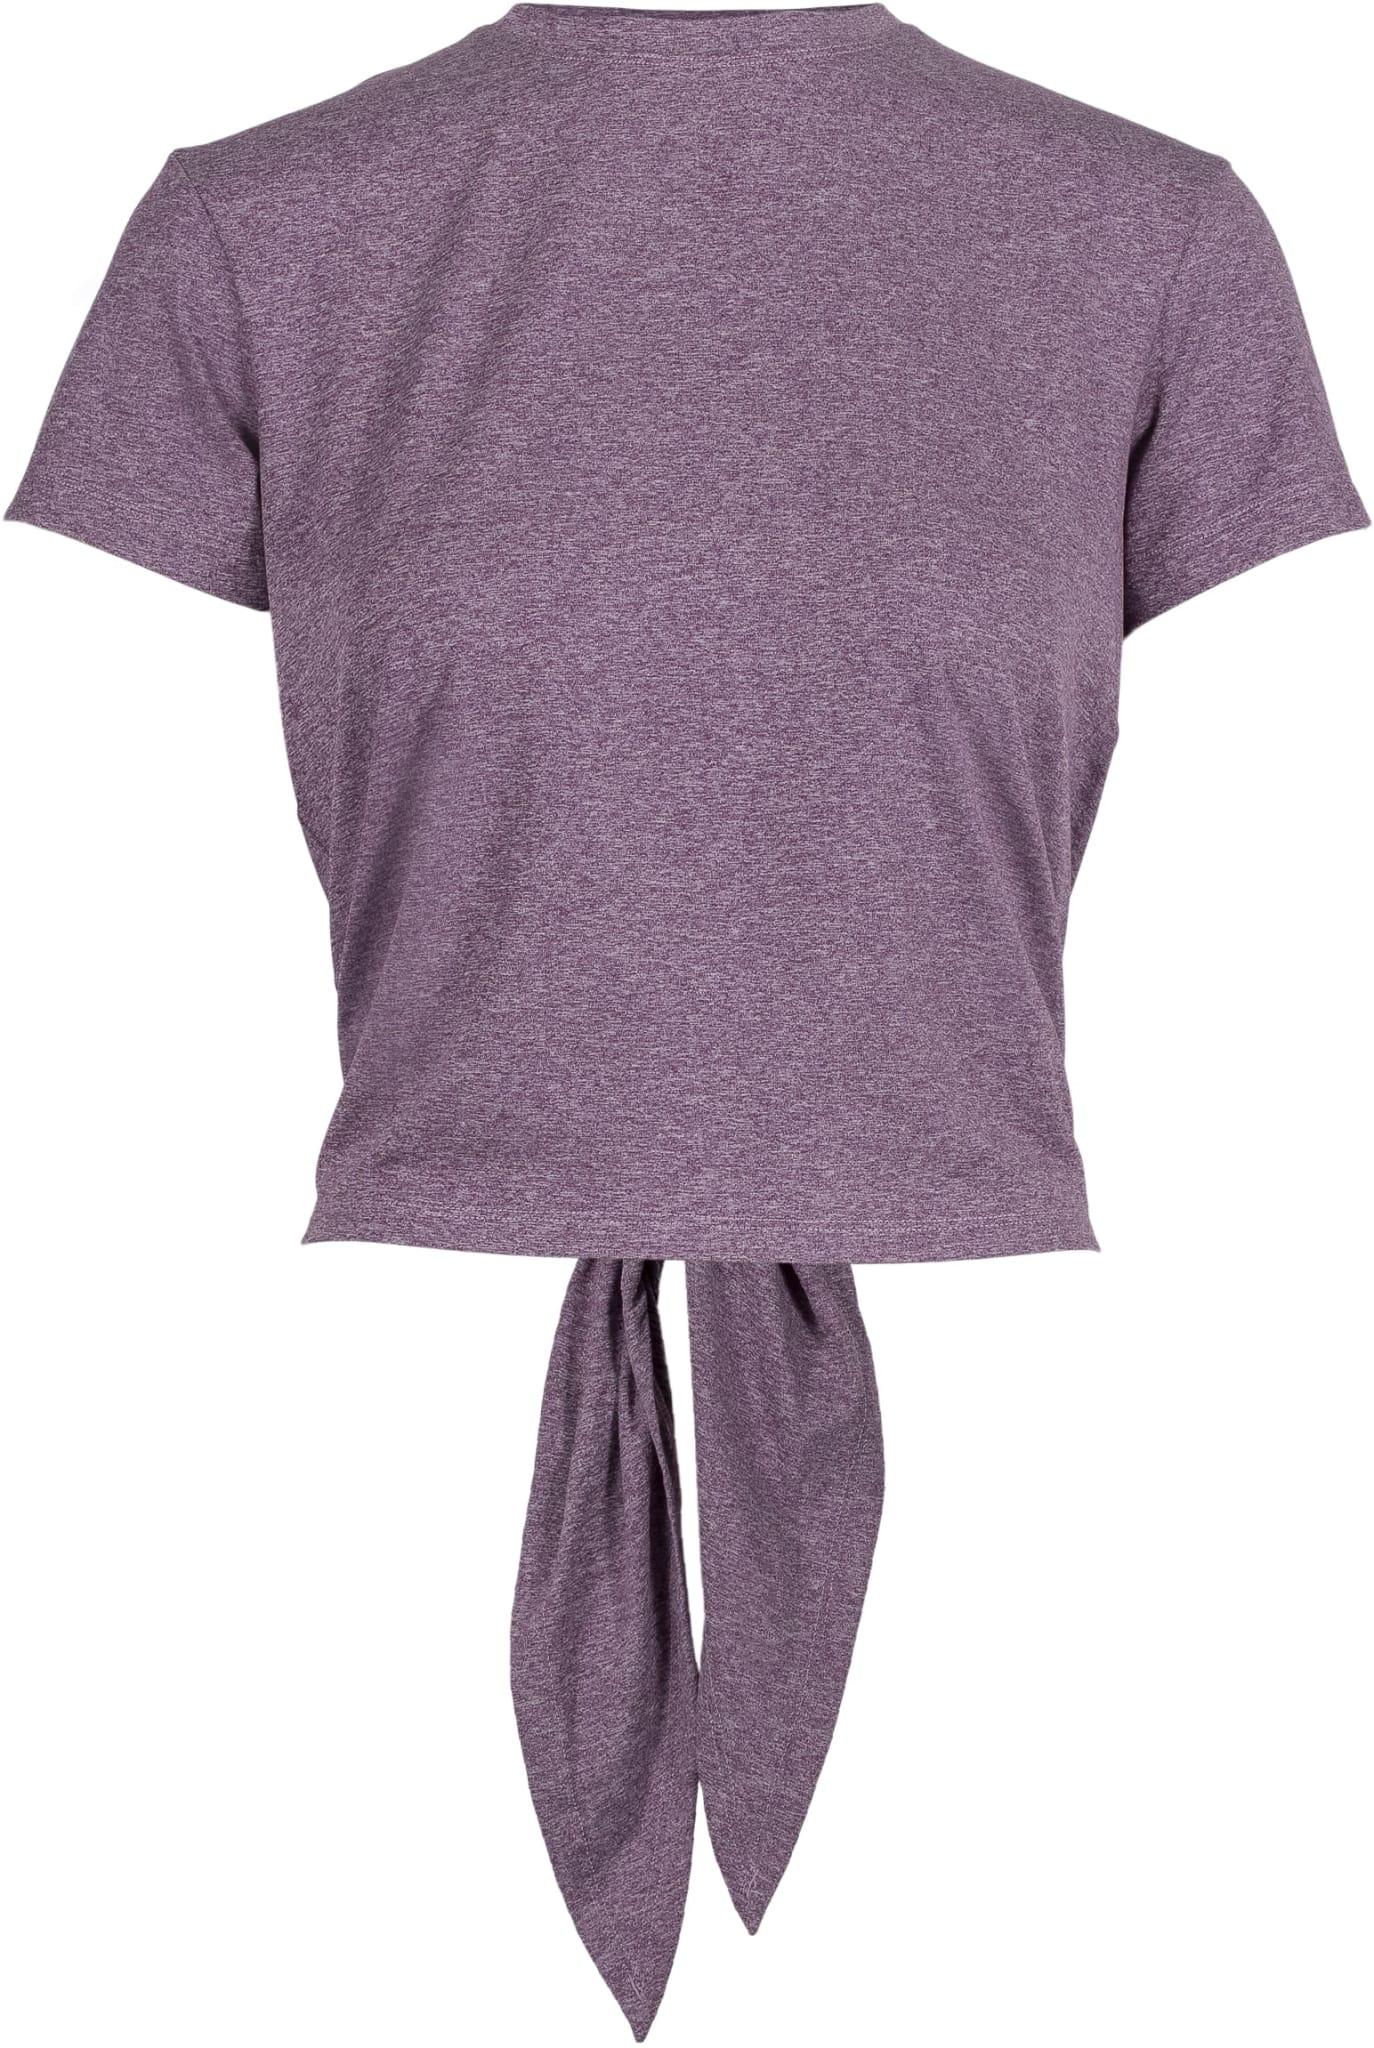 Trenings-T-skjorte med splitt som kan knytes foran eller bak